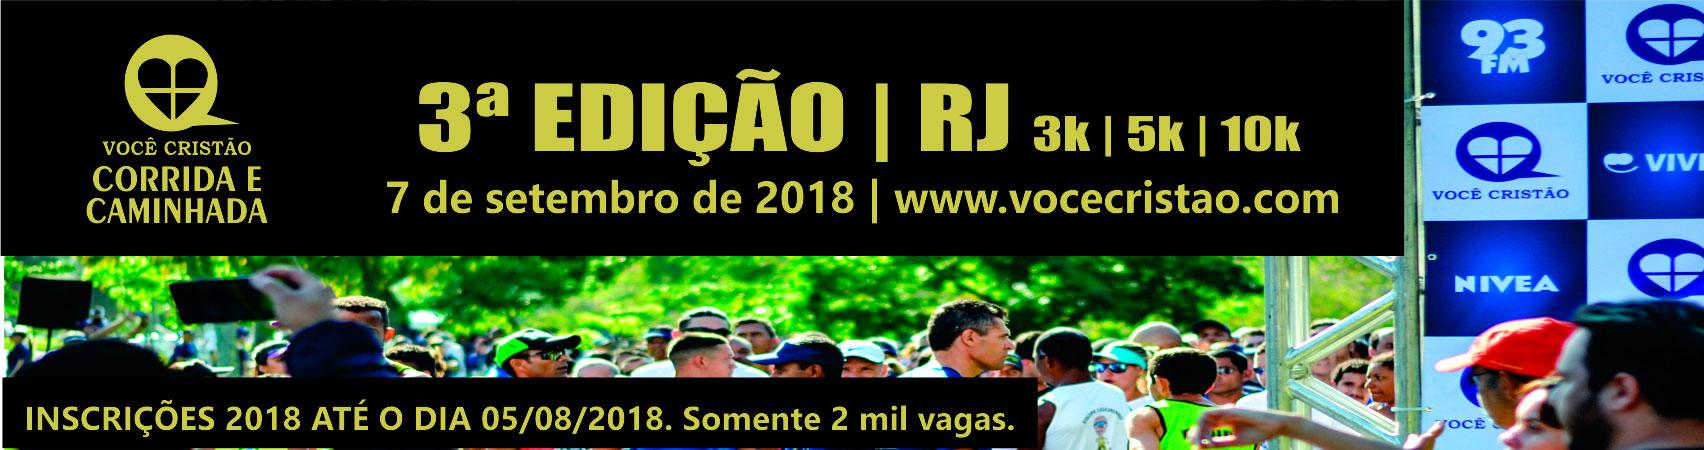 3ª CORRIDA E CAMINHADA VOCÊ CRISTÃO 2018 - RIO DE JANEIRO